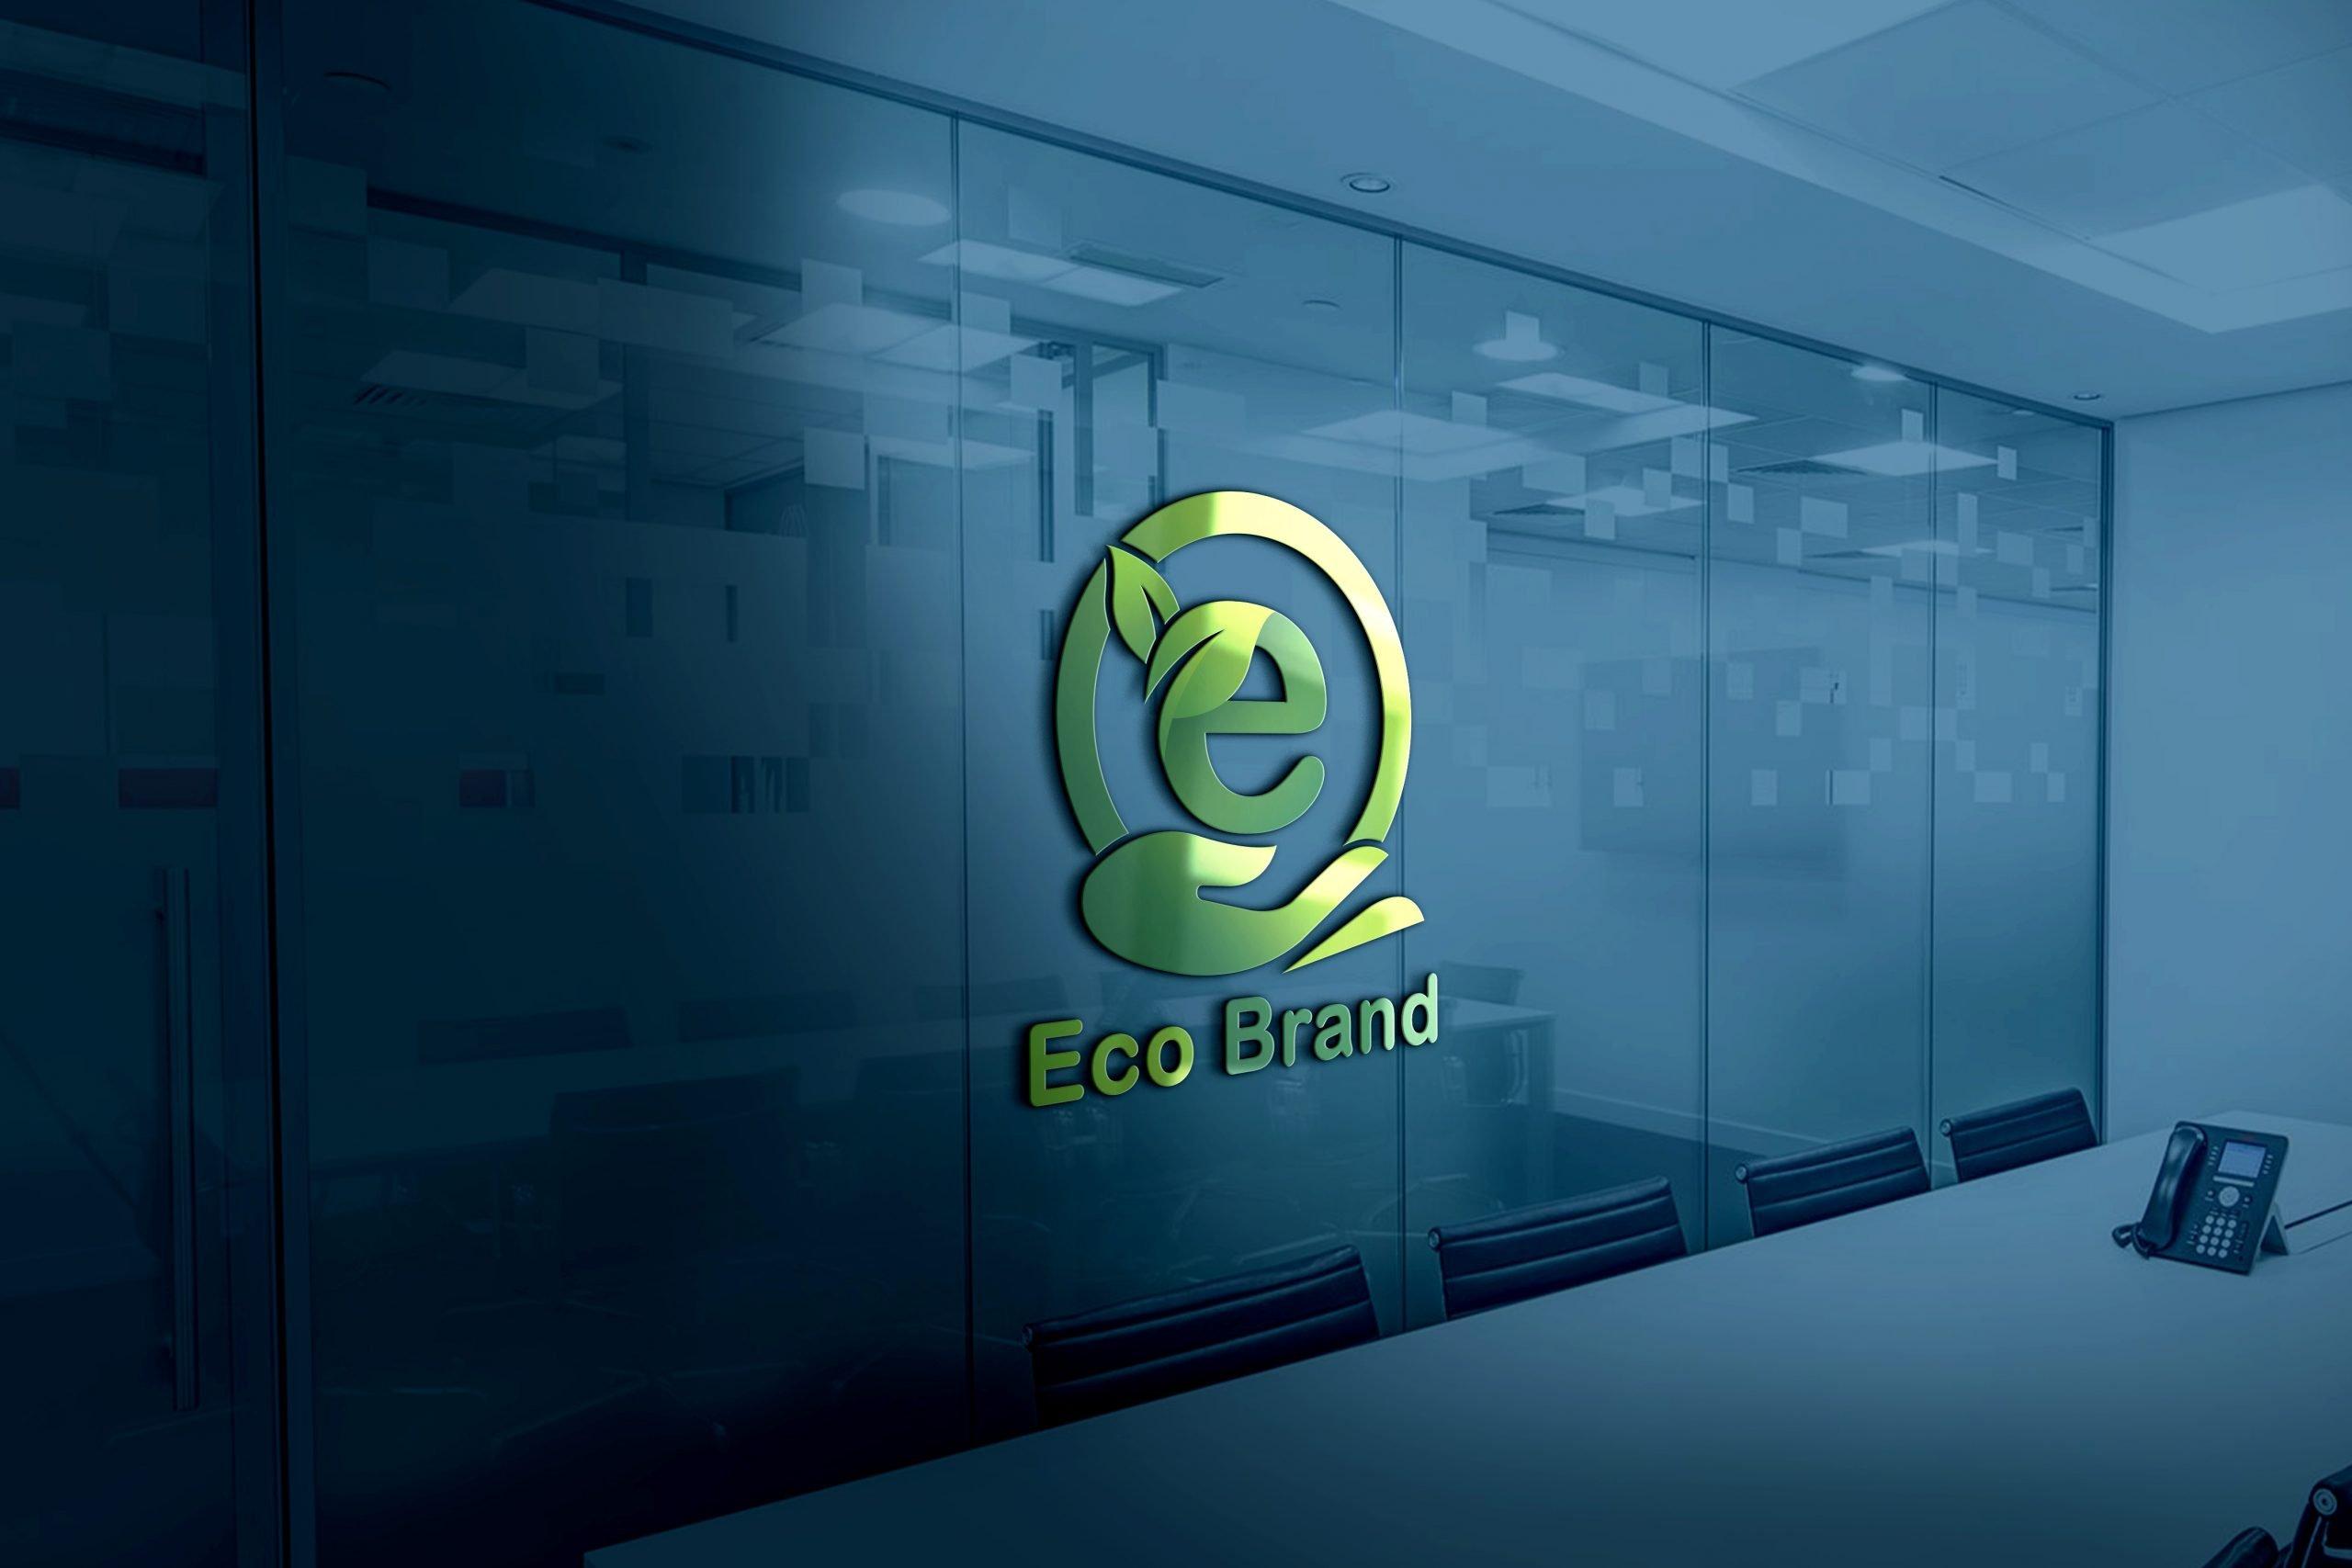 Eco Brand Logo Design PSD source